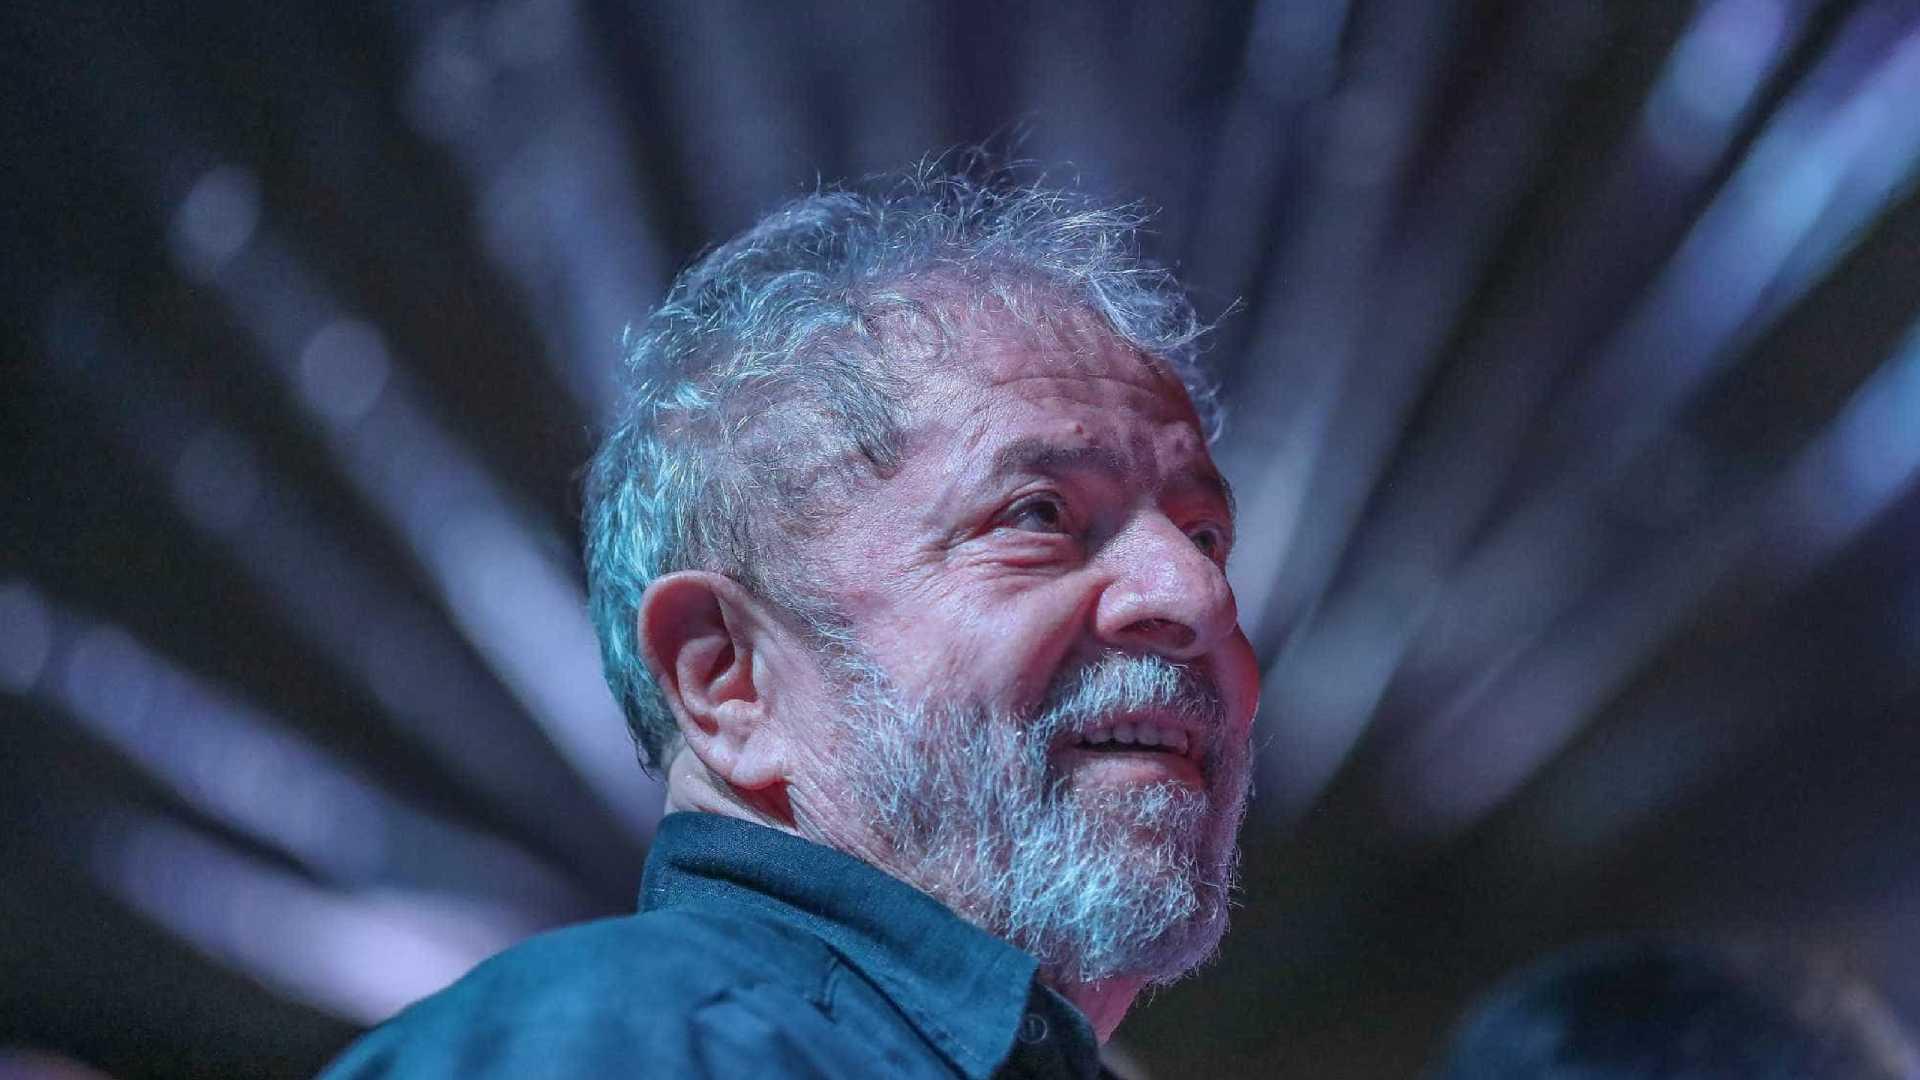 naom 5aca1127d85b3 - Sem Lula, 34% dos nordestinos declaram voto nulo ou branco nas eleições